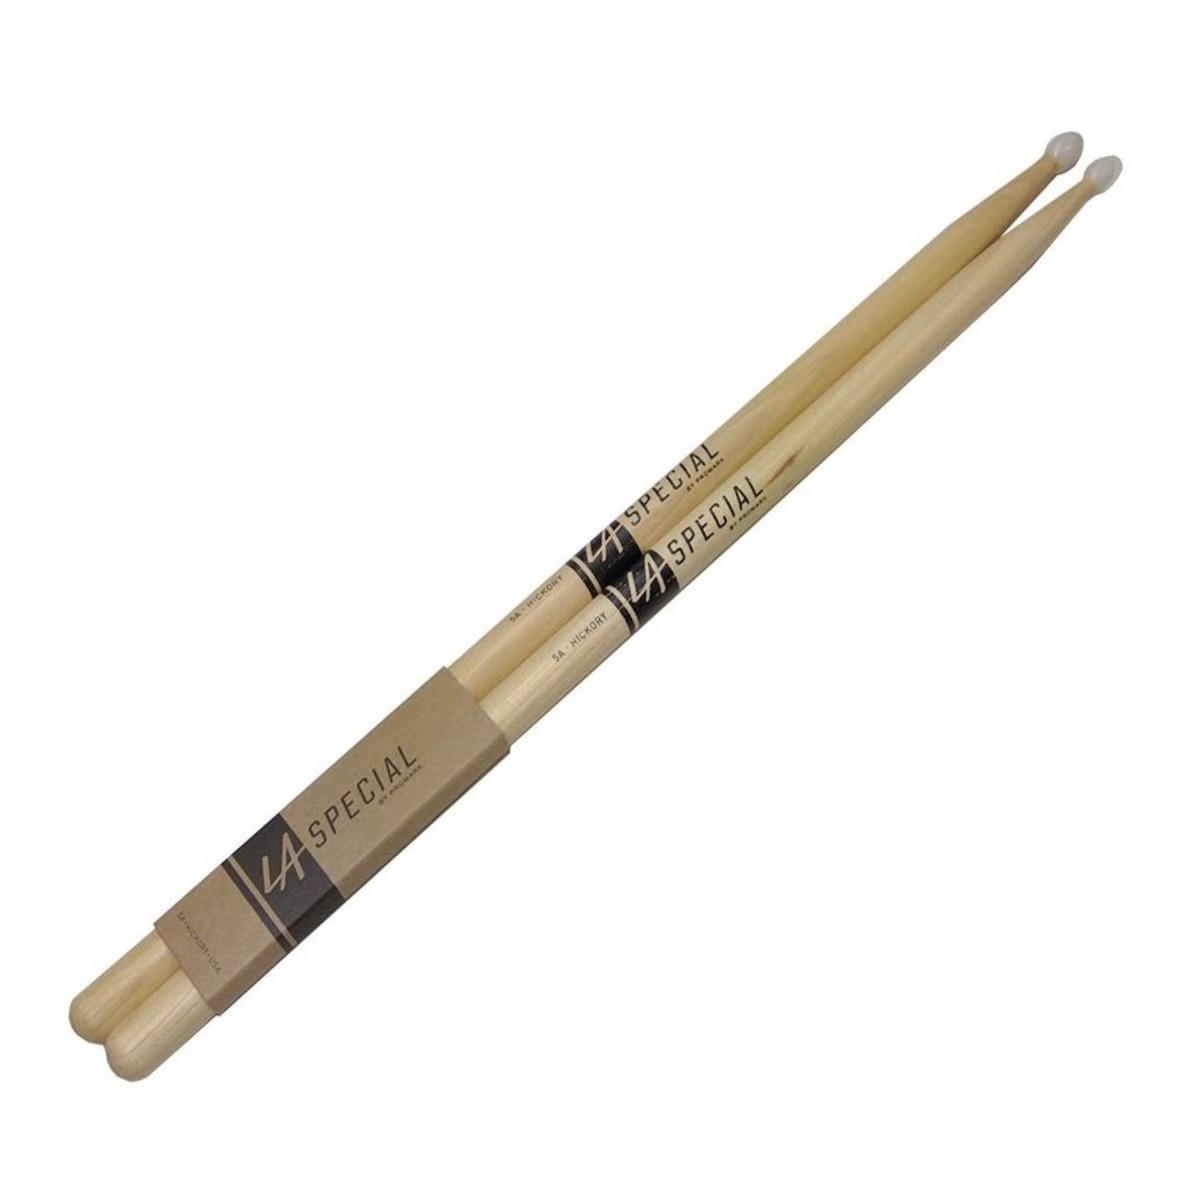 DAddario LA Special Drumsticks 5A Nylon